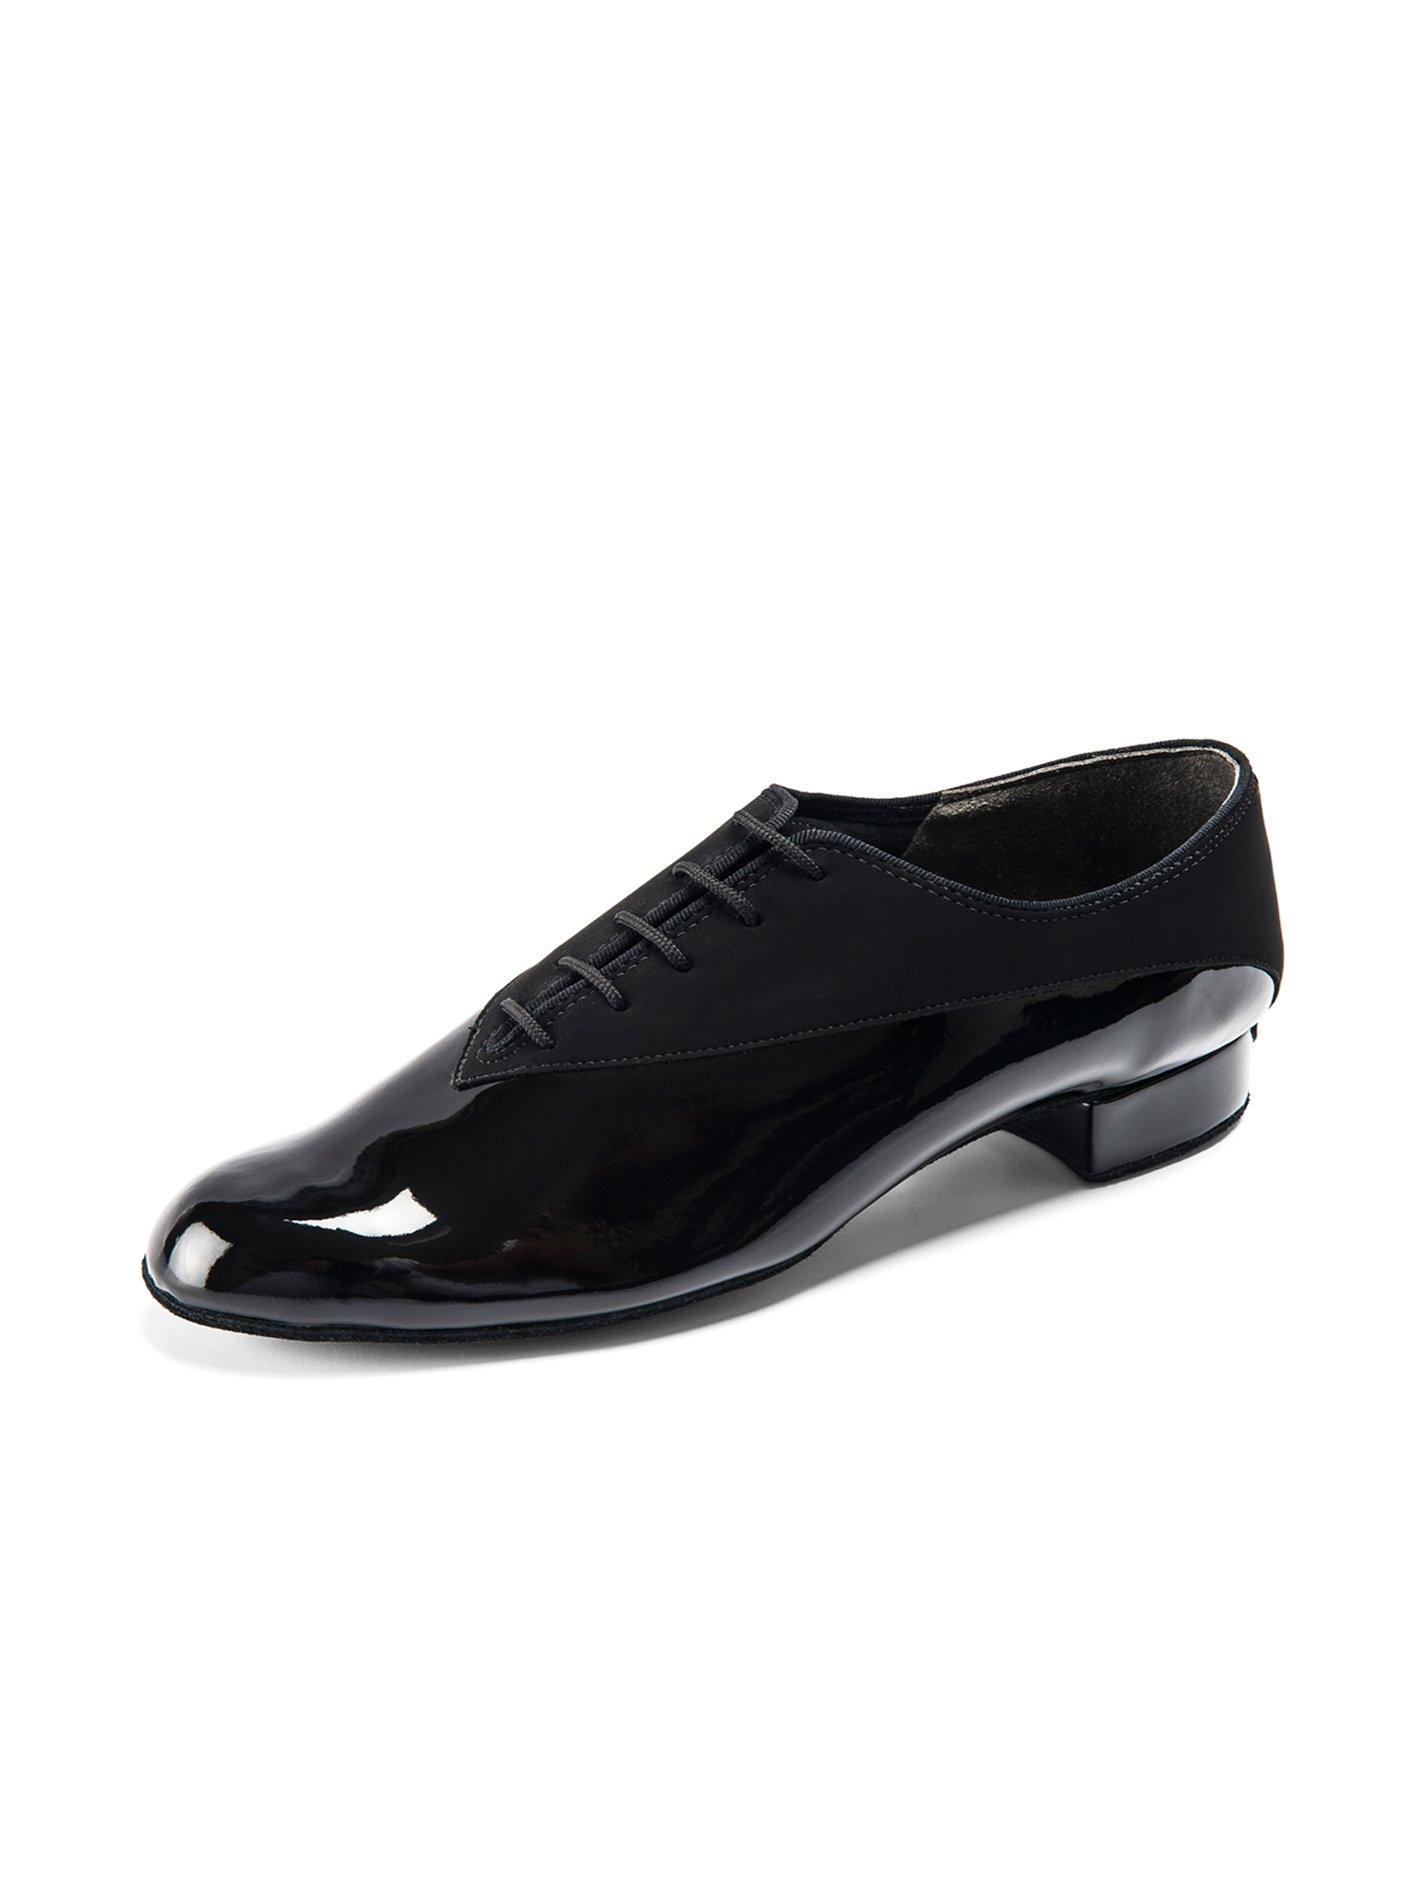 online store 97c23 4342d Balliamo? | Scarpe da ballo, abbigliamento e accessori danza